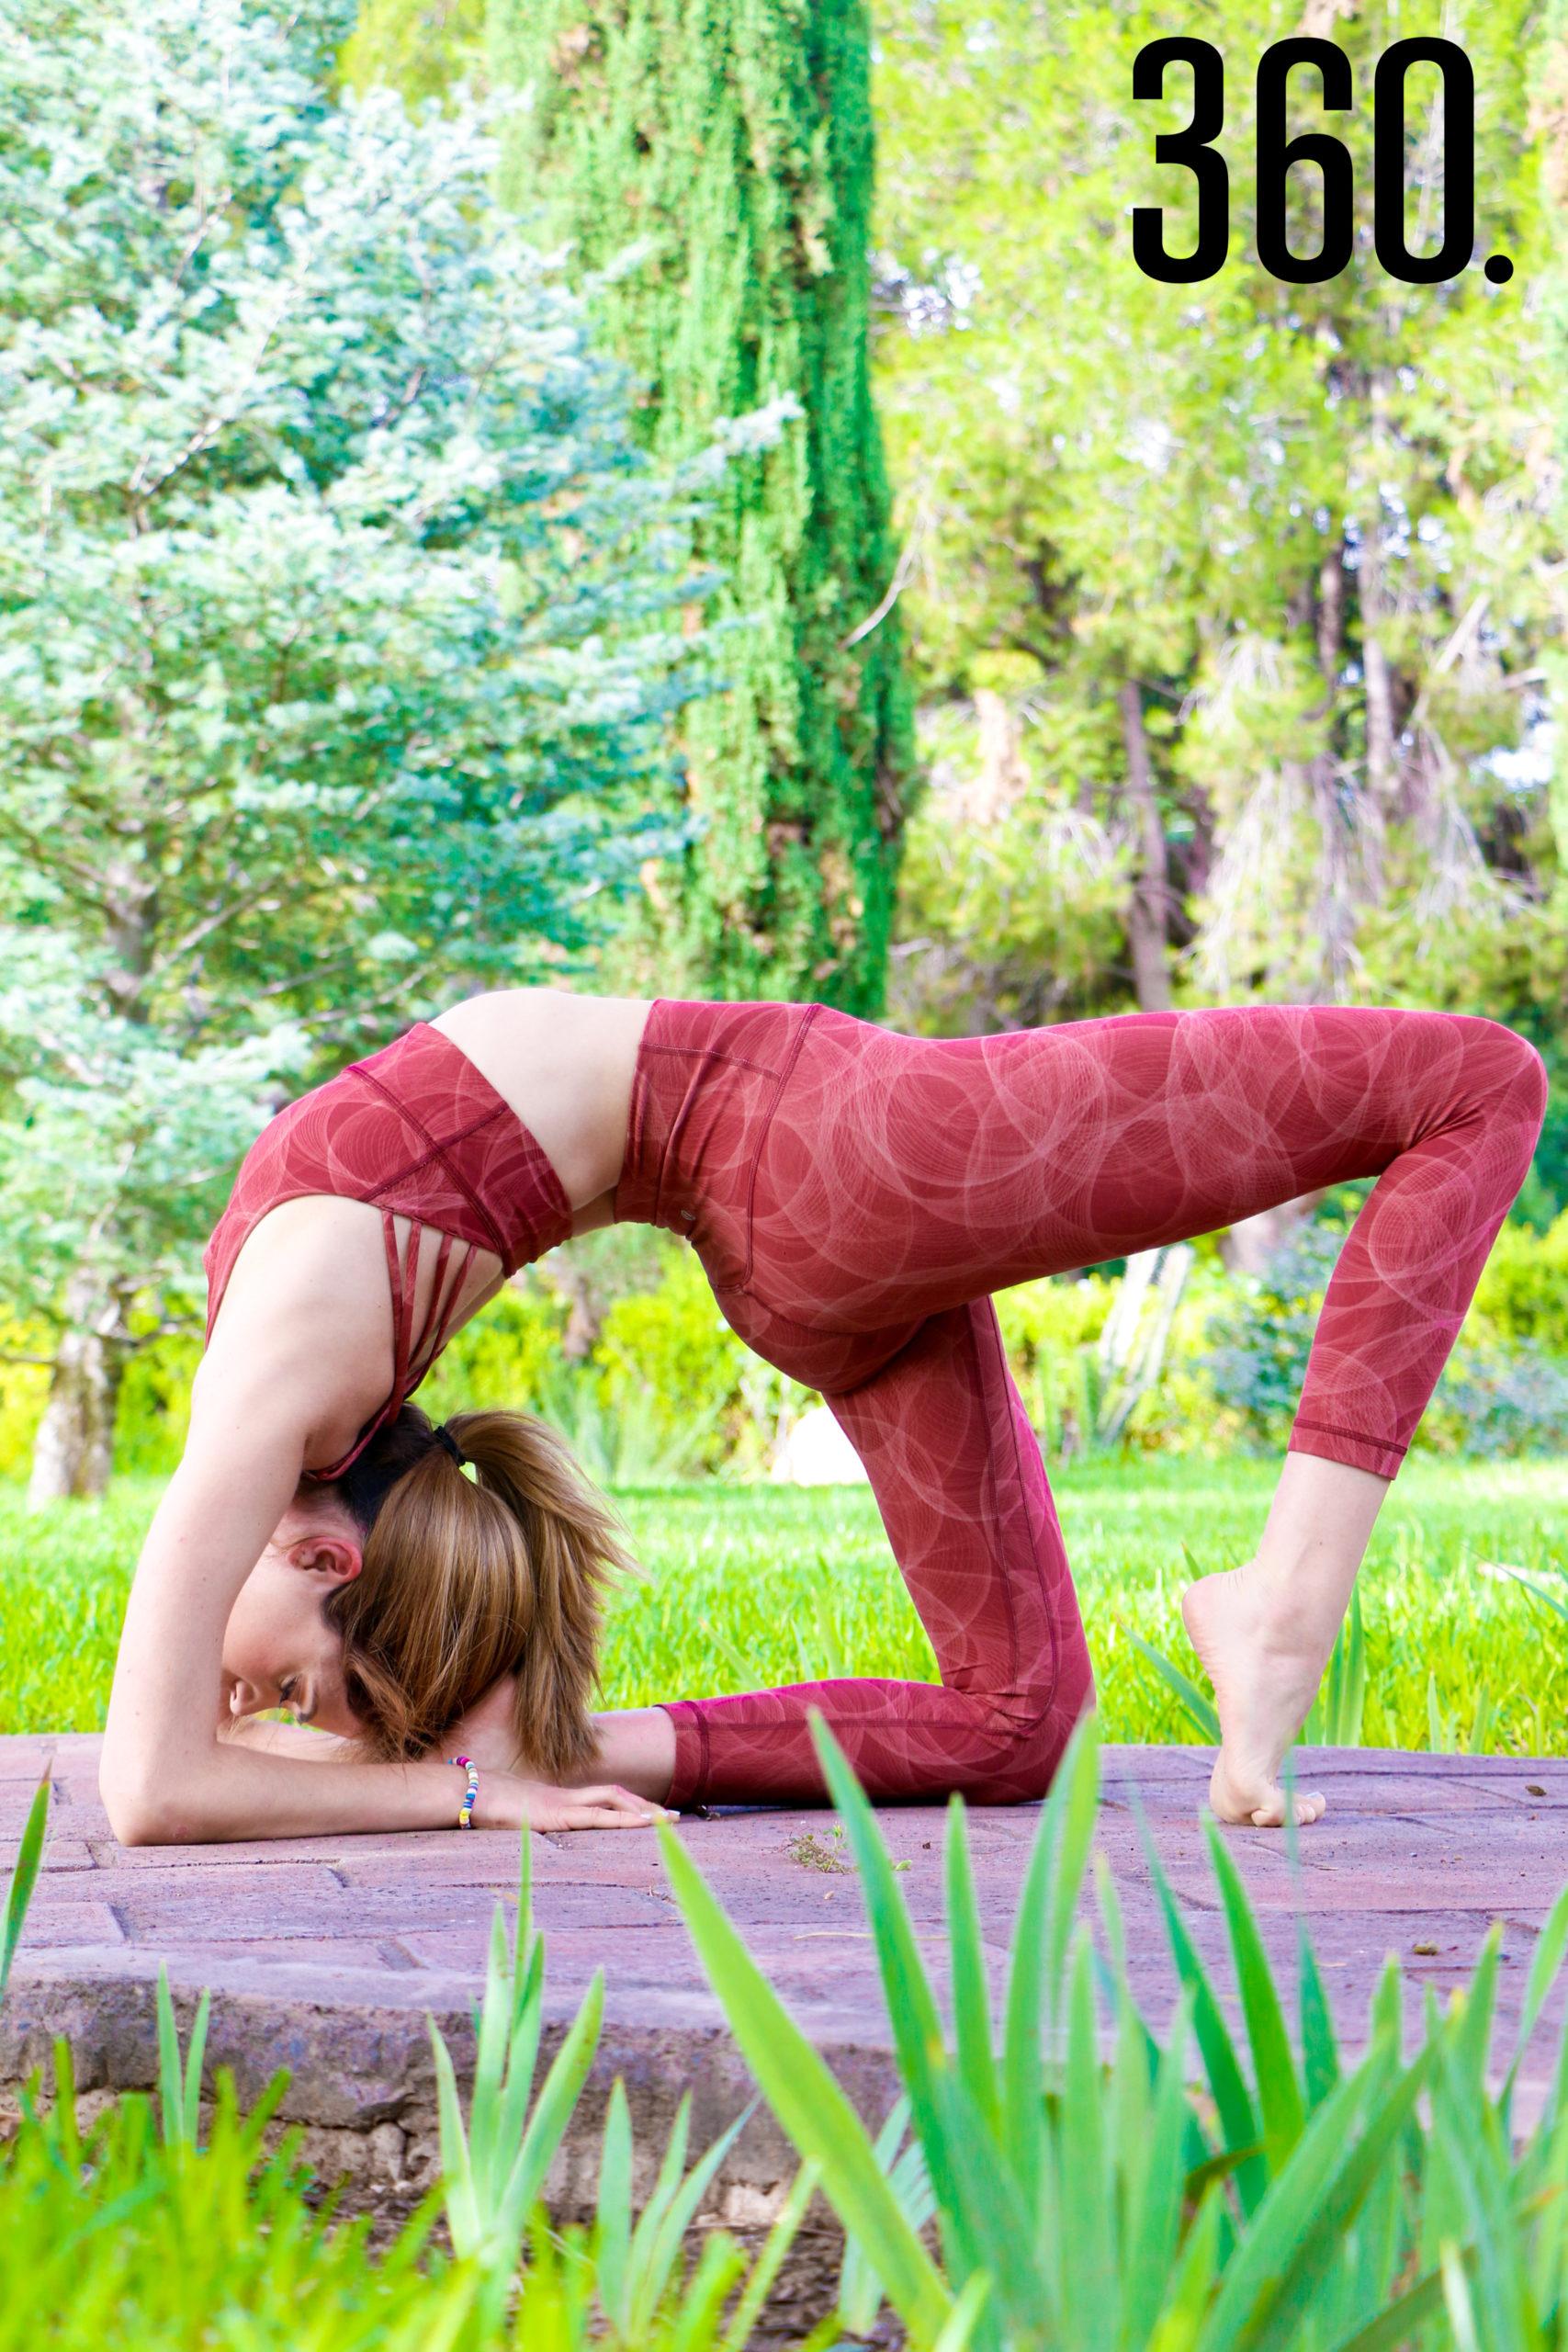 Conoció el yoga gracias a su mamá, quien la invitó a una clase.